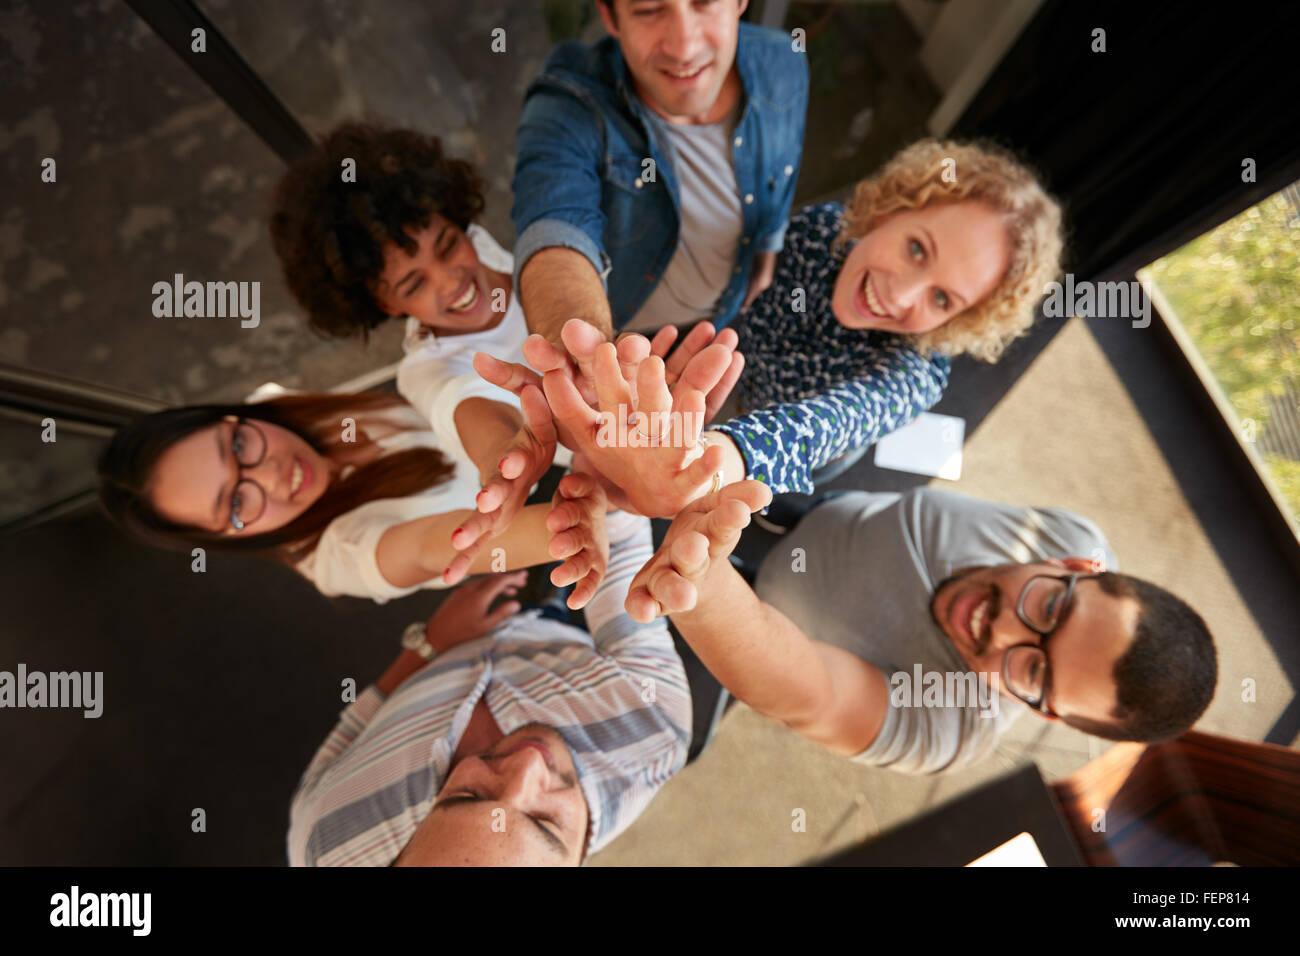 Draufsicht des erfolgreichen Teams von Fachleuten hohe Fiving und Blick auf die Kamera zu Lächeln. Männer Stockbild